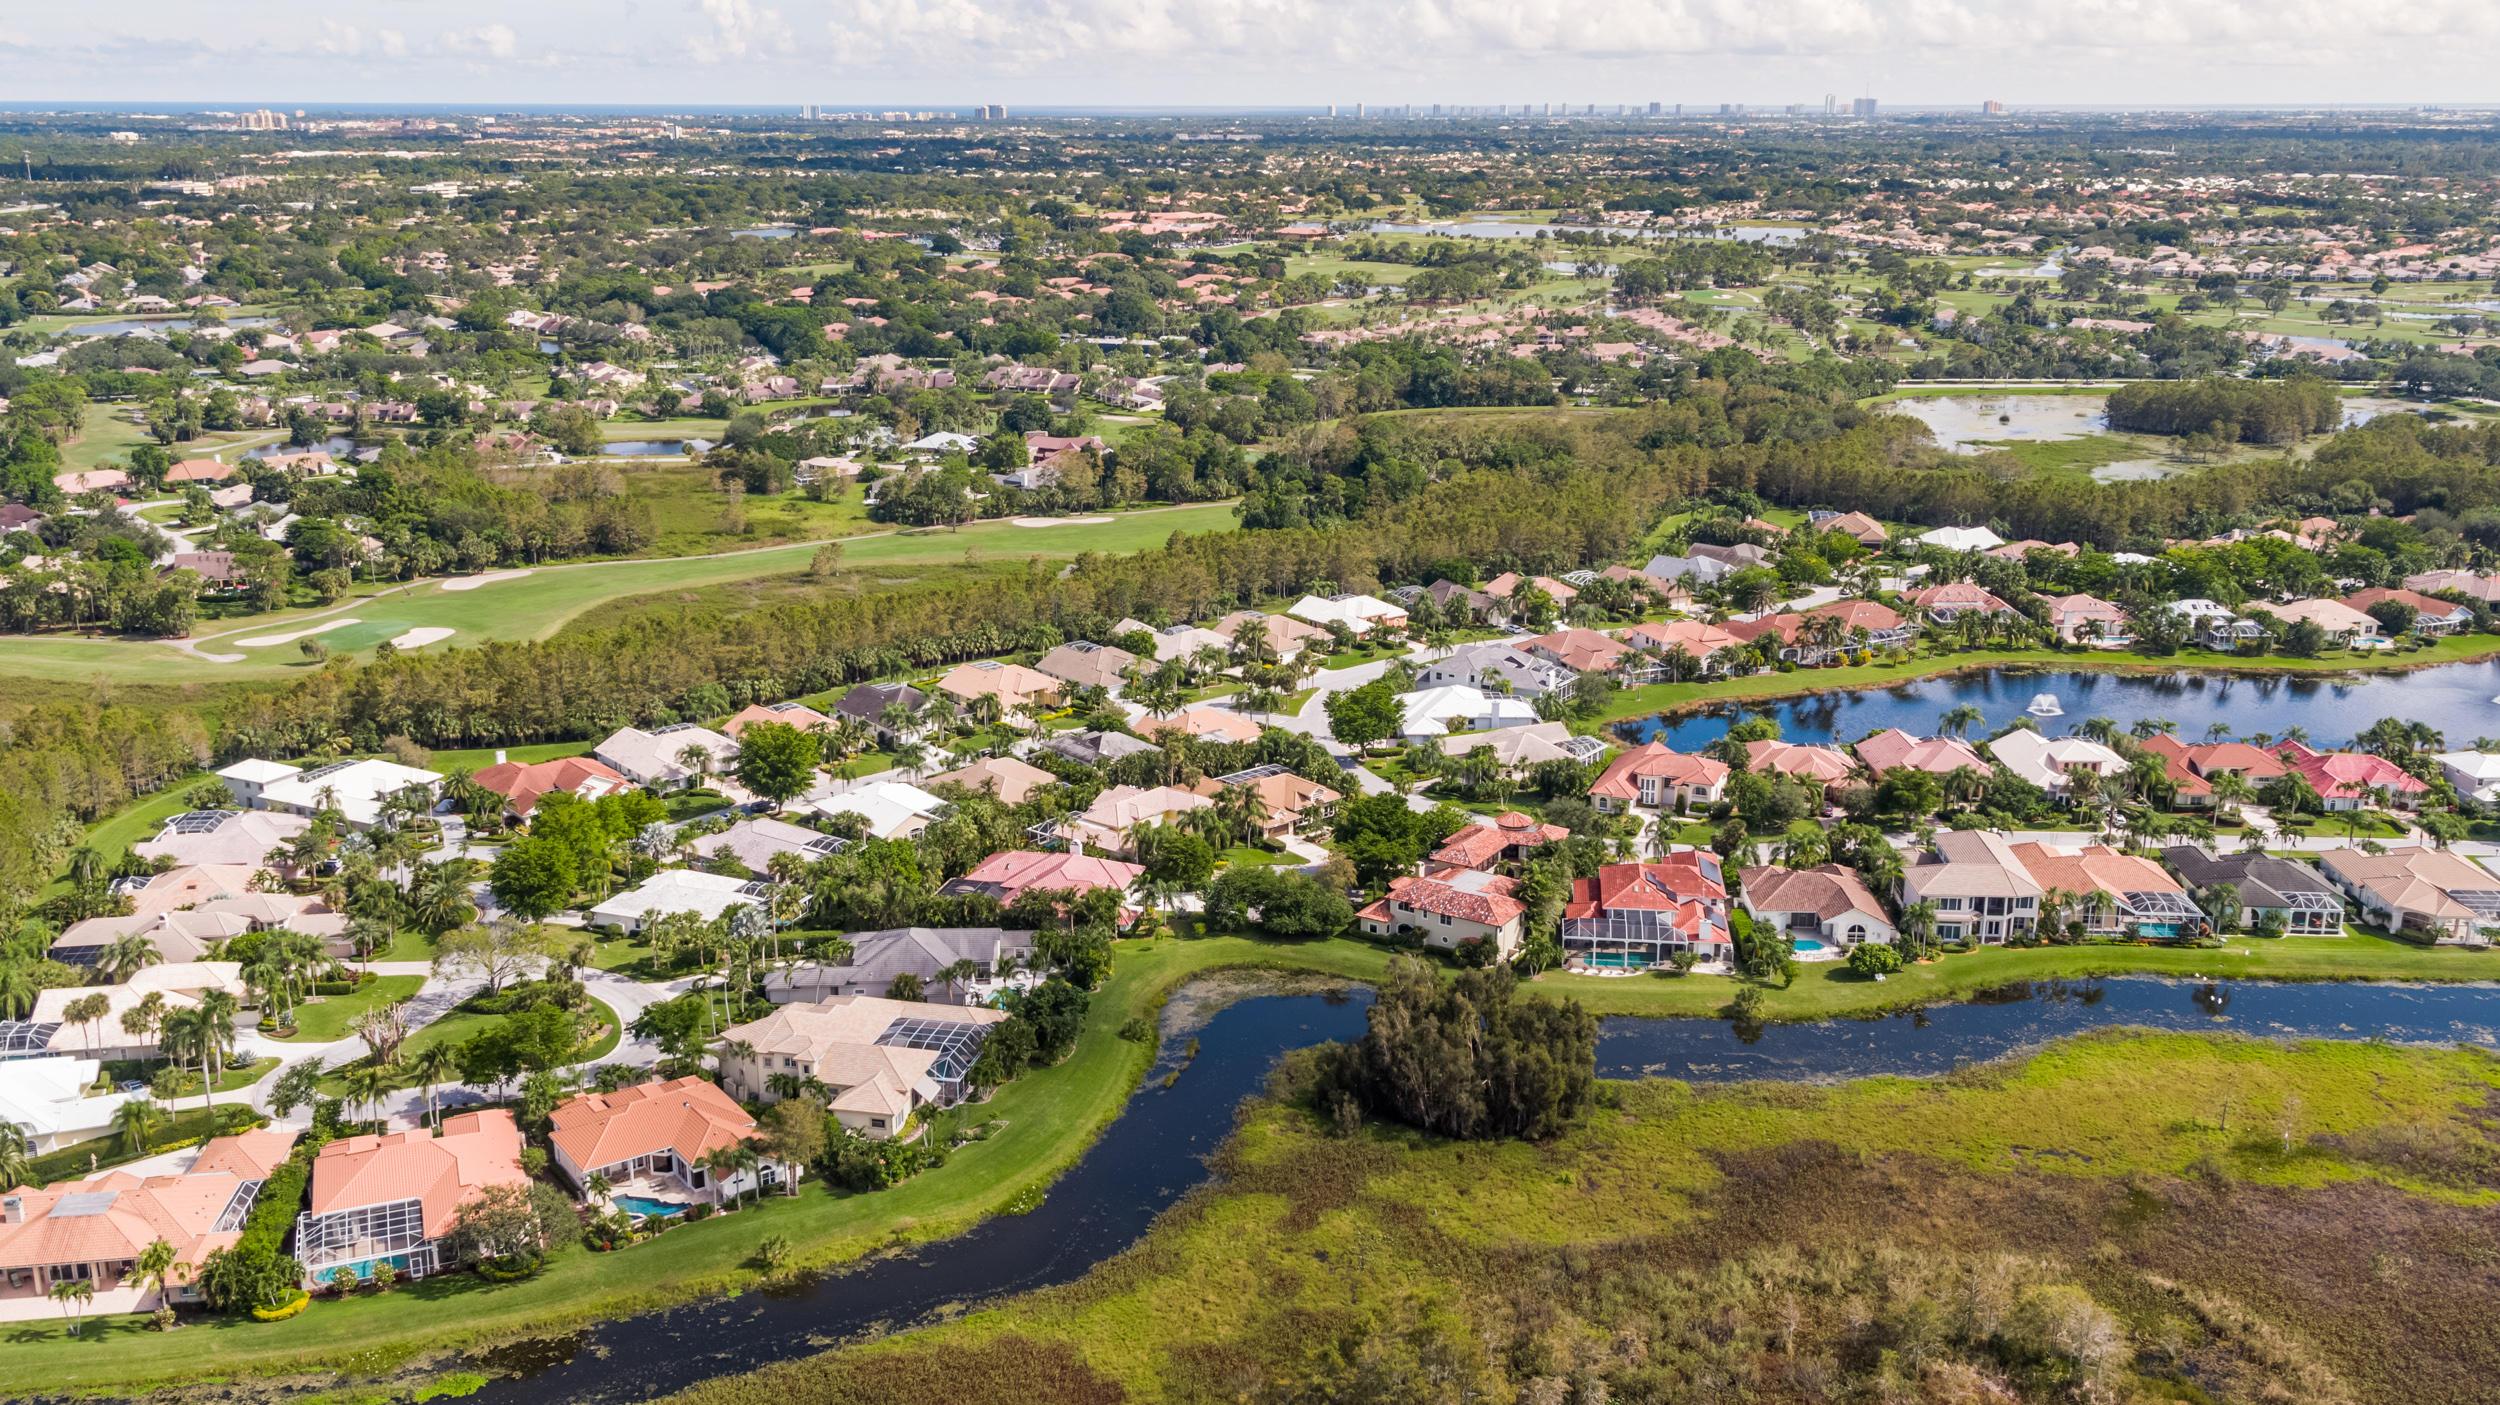 PGA NATIONAL PALM BEACH GARDENS FLORIDA